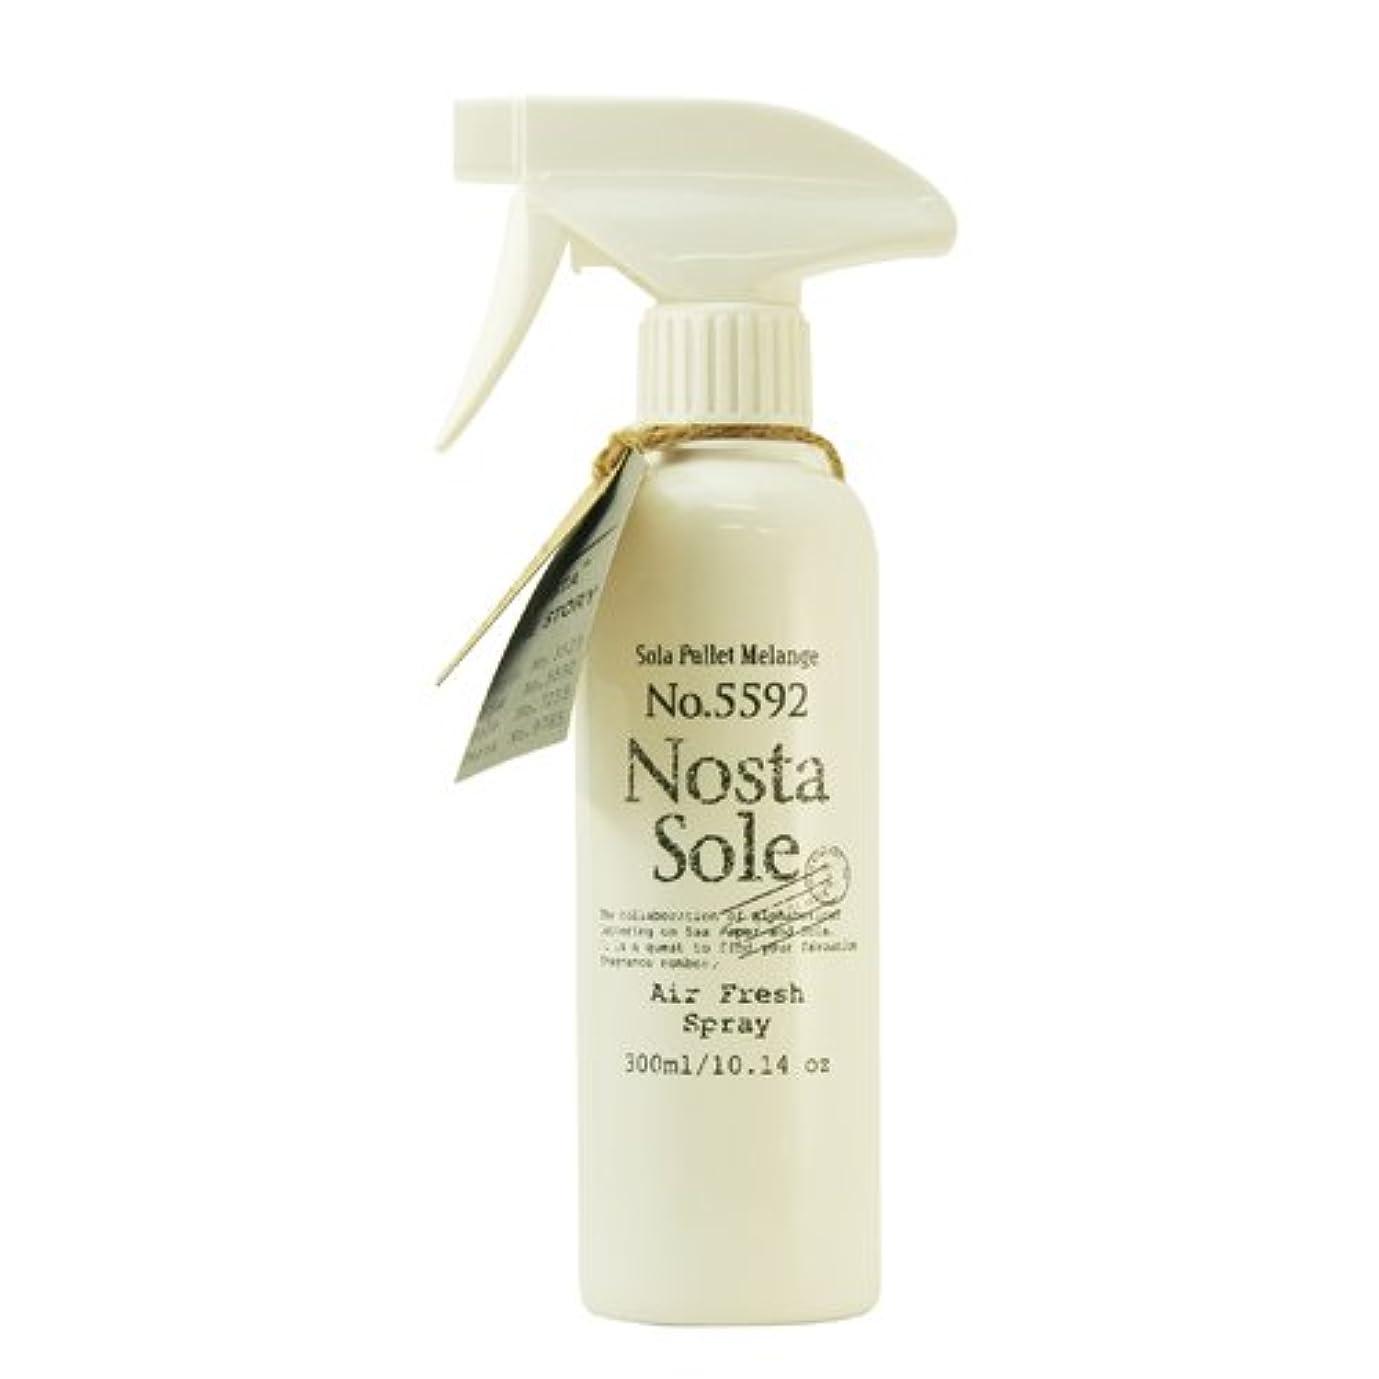 主に創傷寝室Nosta ノスタ Air Fresh Spray エアーフレッシュスプレー(ルームスプレー)Sole ソーレ / 太陽